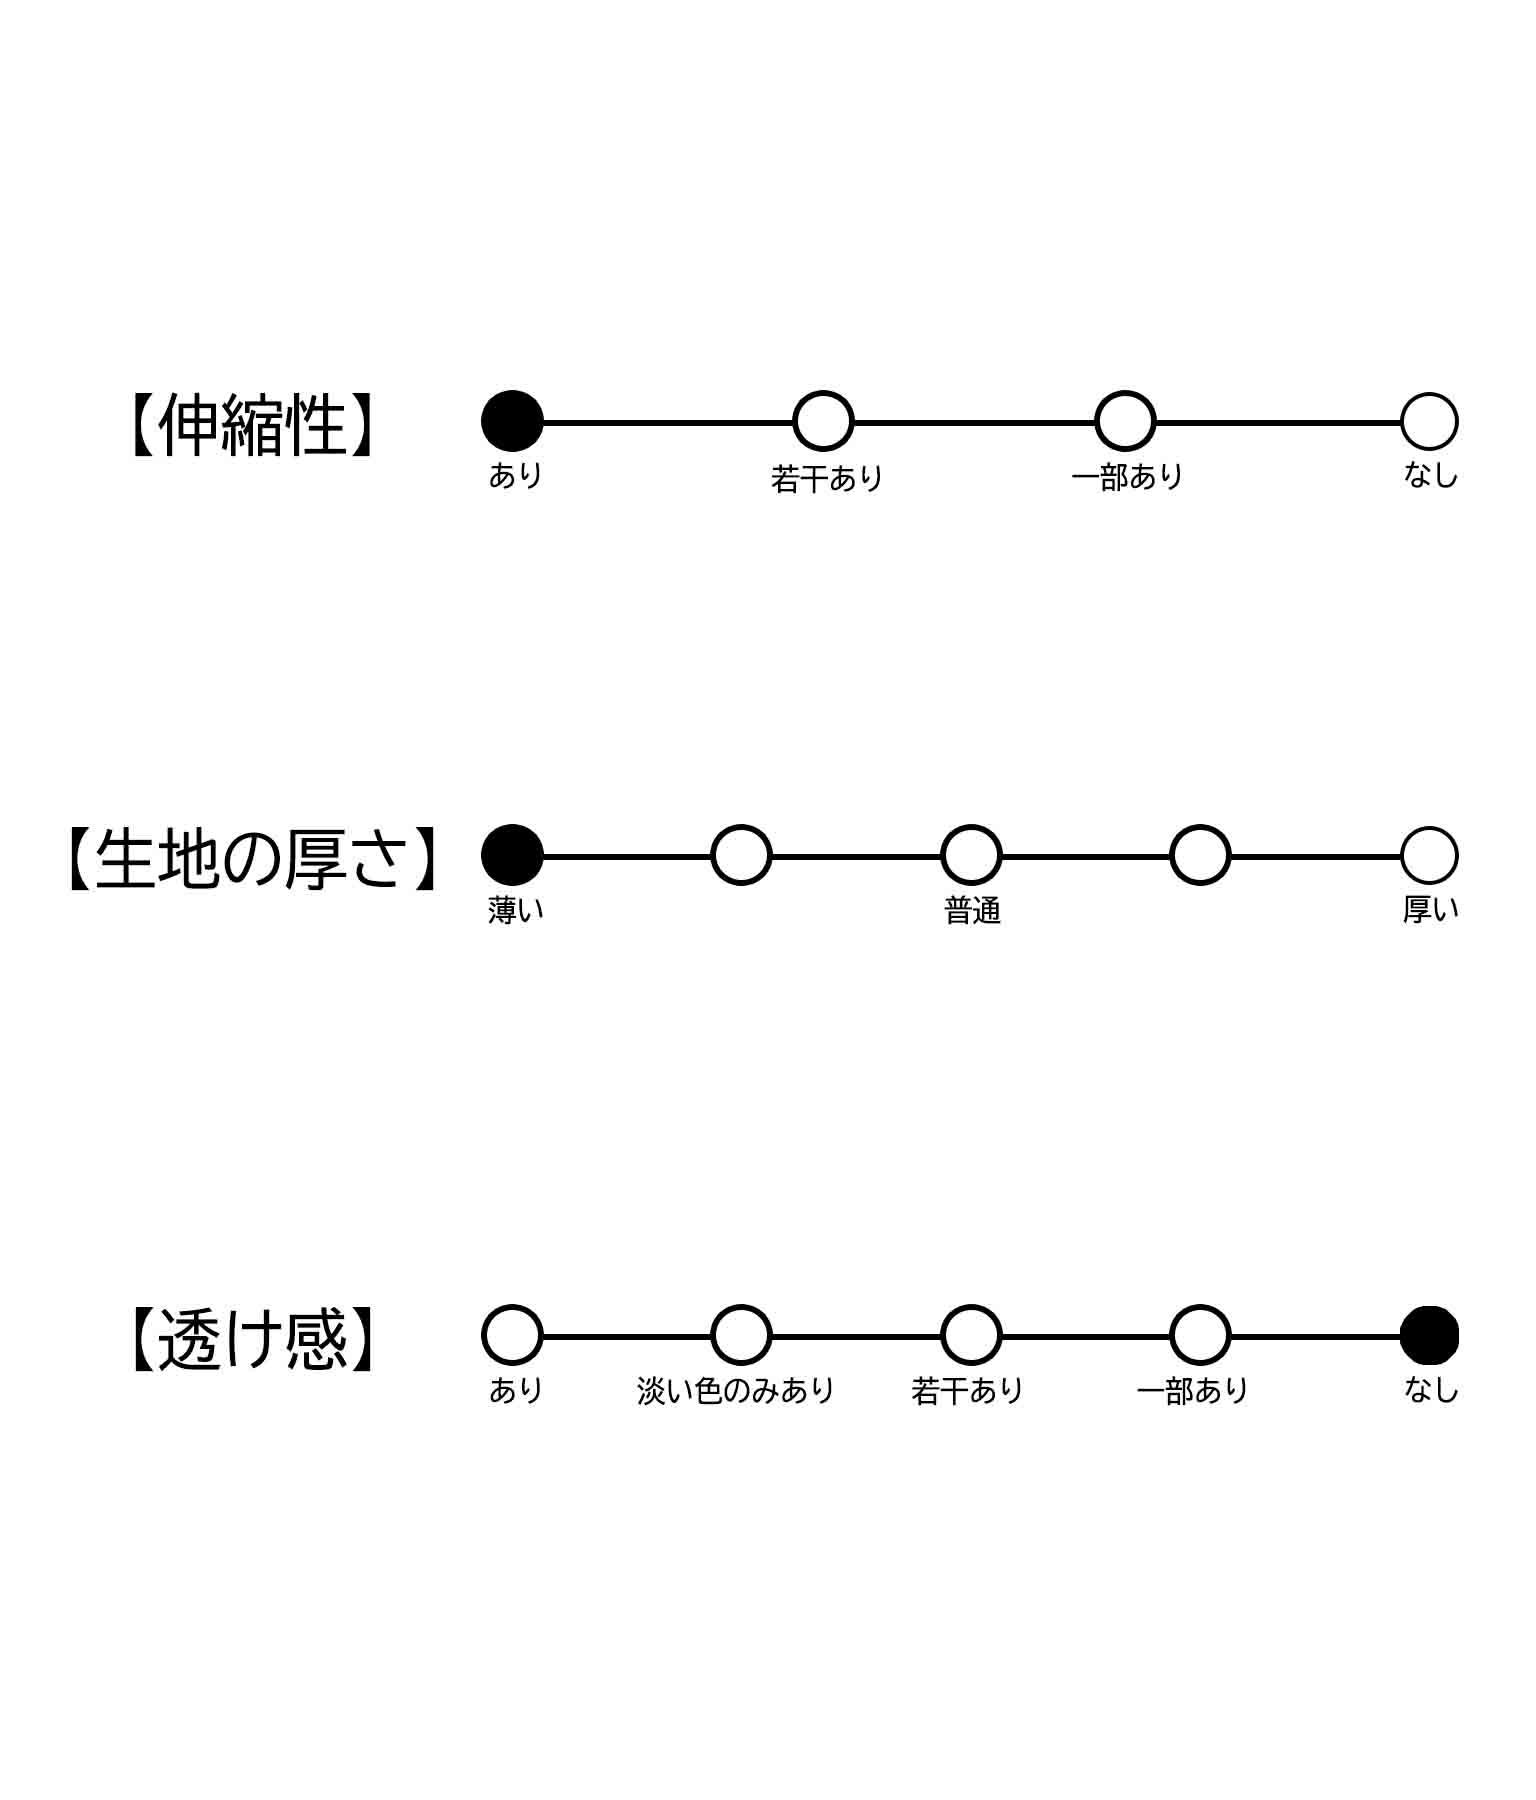 薄ニットカーディガン(アウター(コート・ジャケット) /カーディガン) | CHILLE